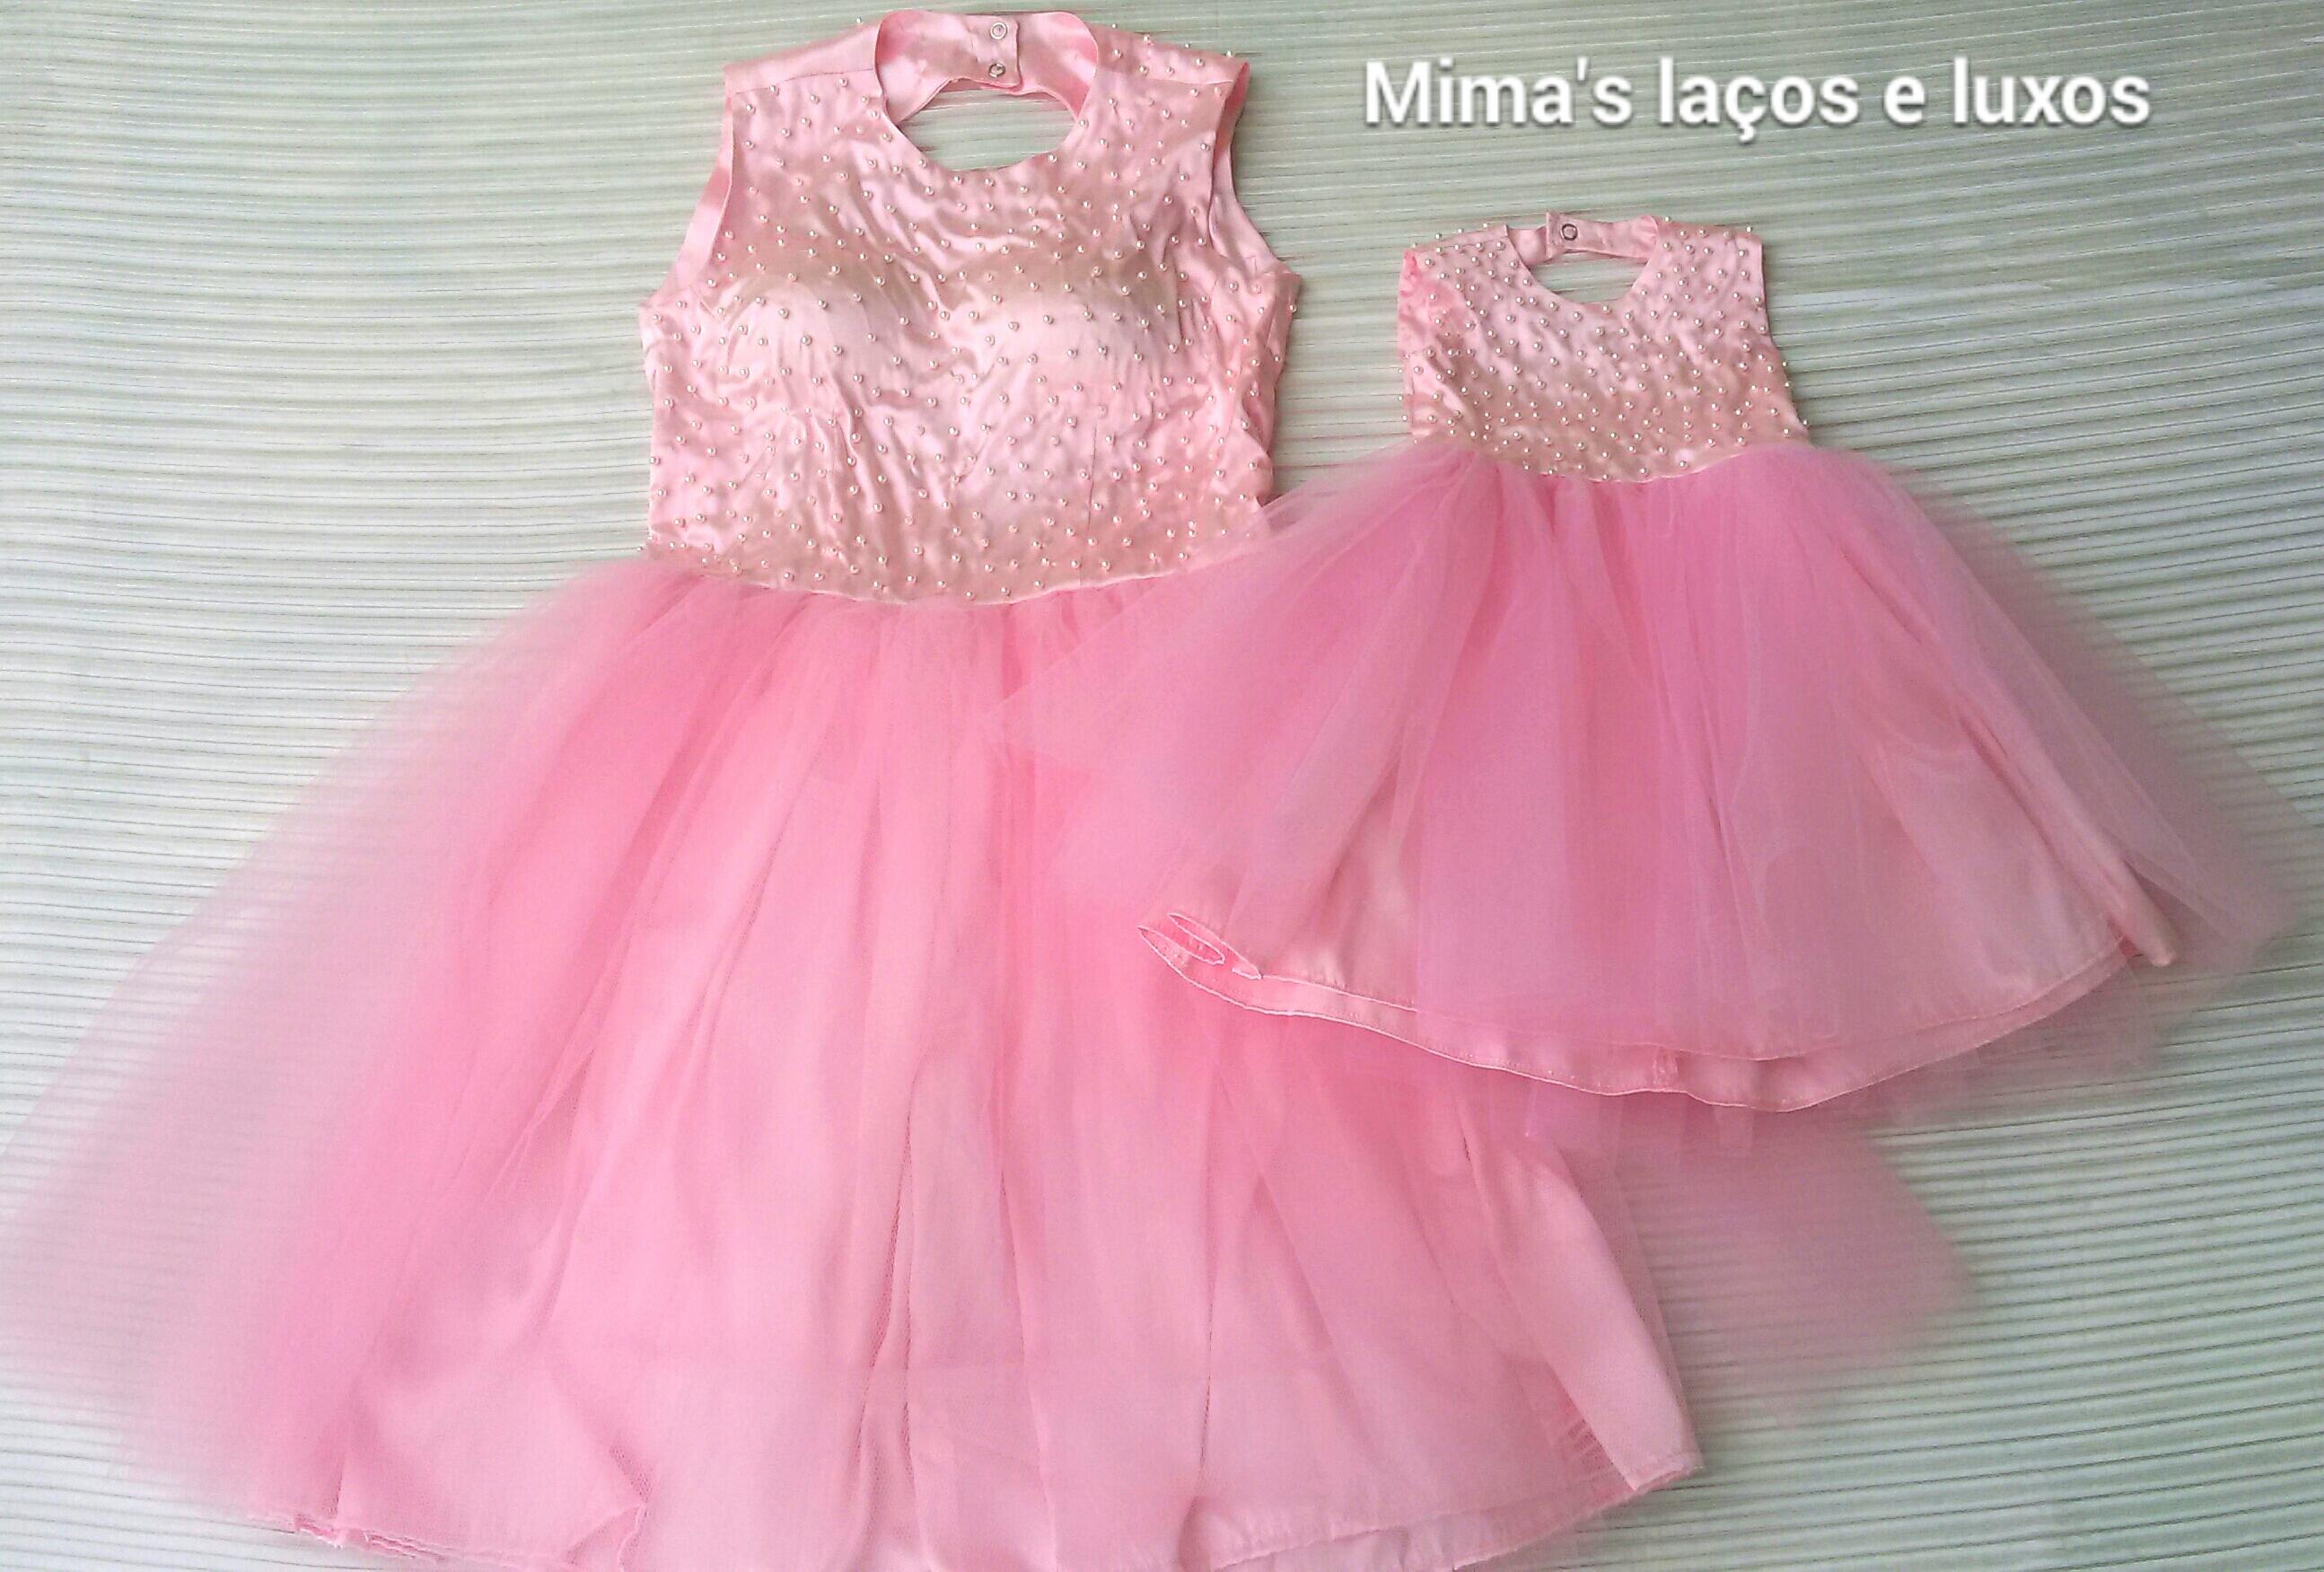 09abc05349 Vestido tutu mãe e filha no Elo7